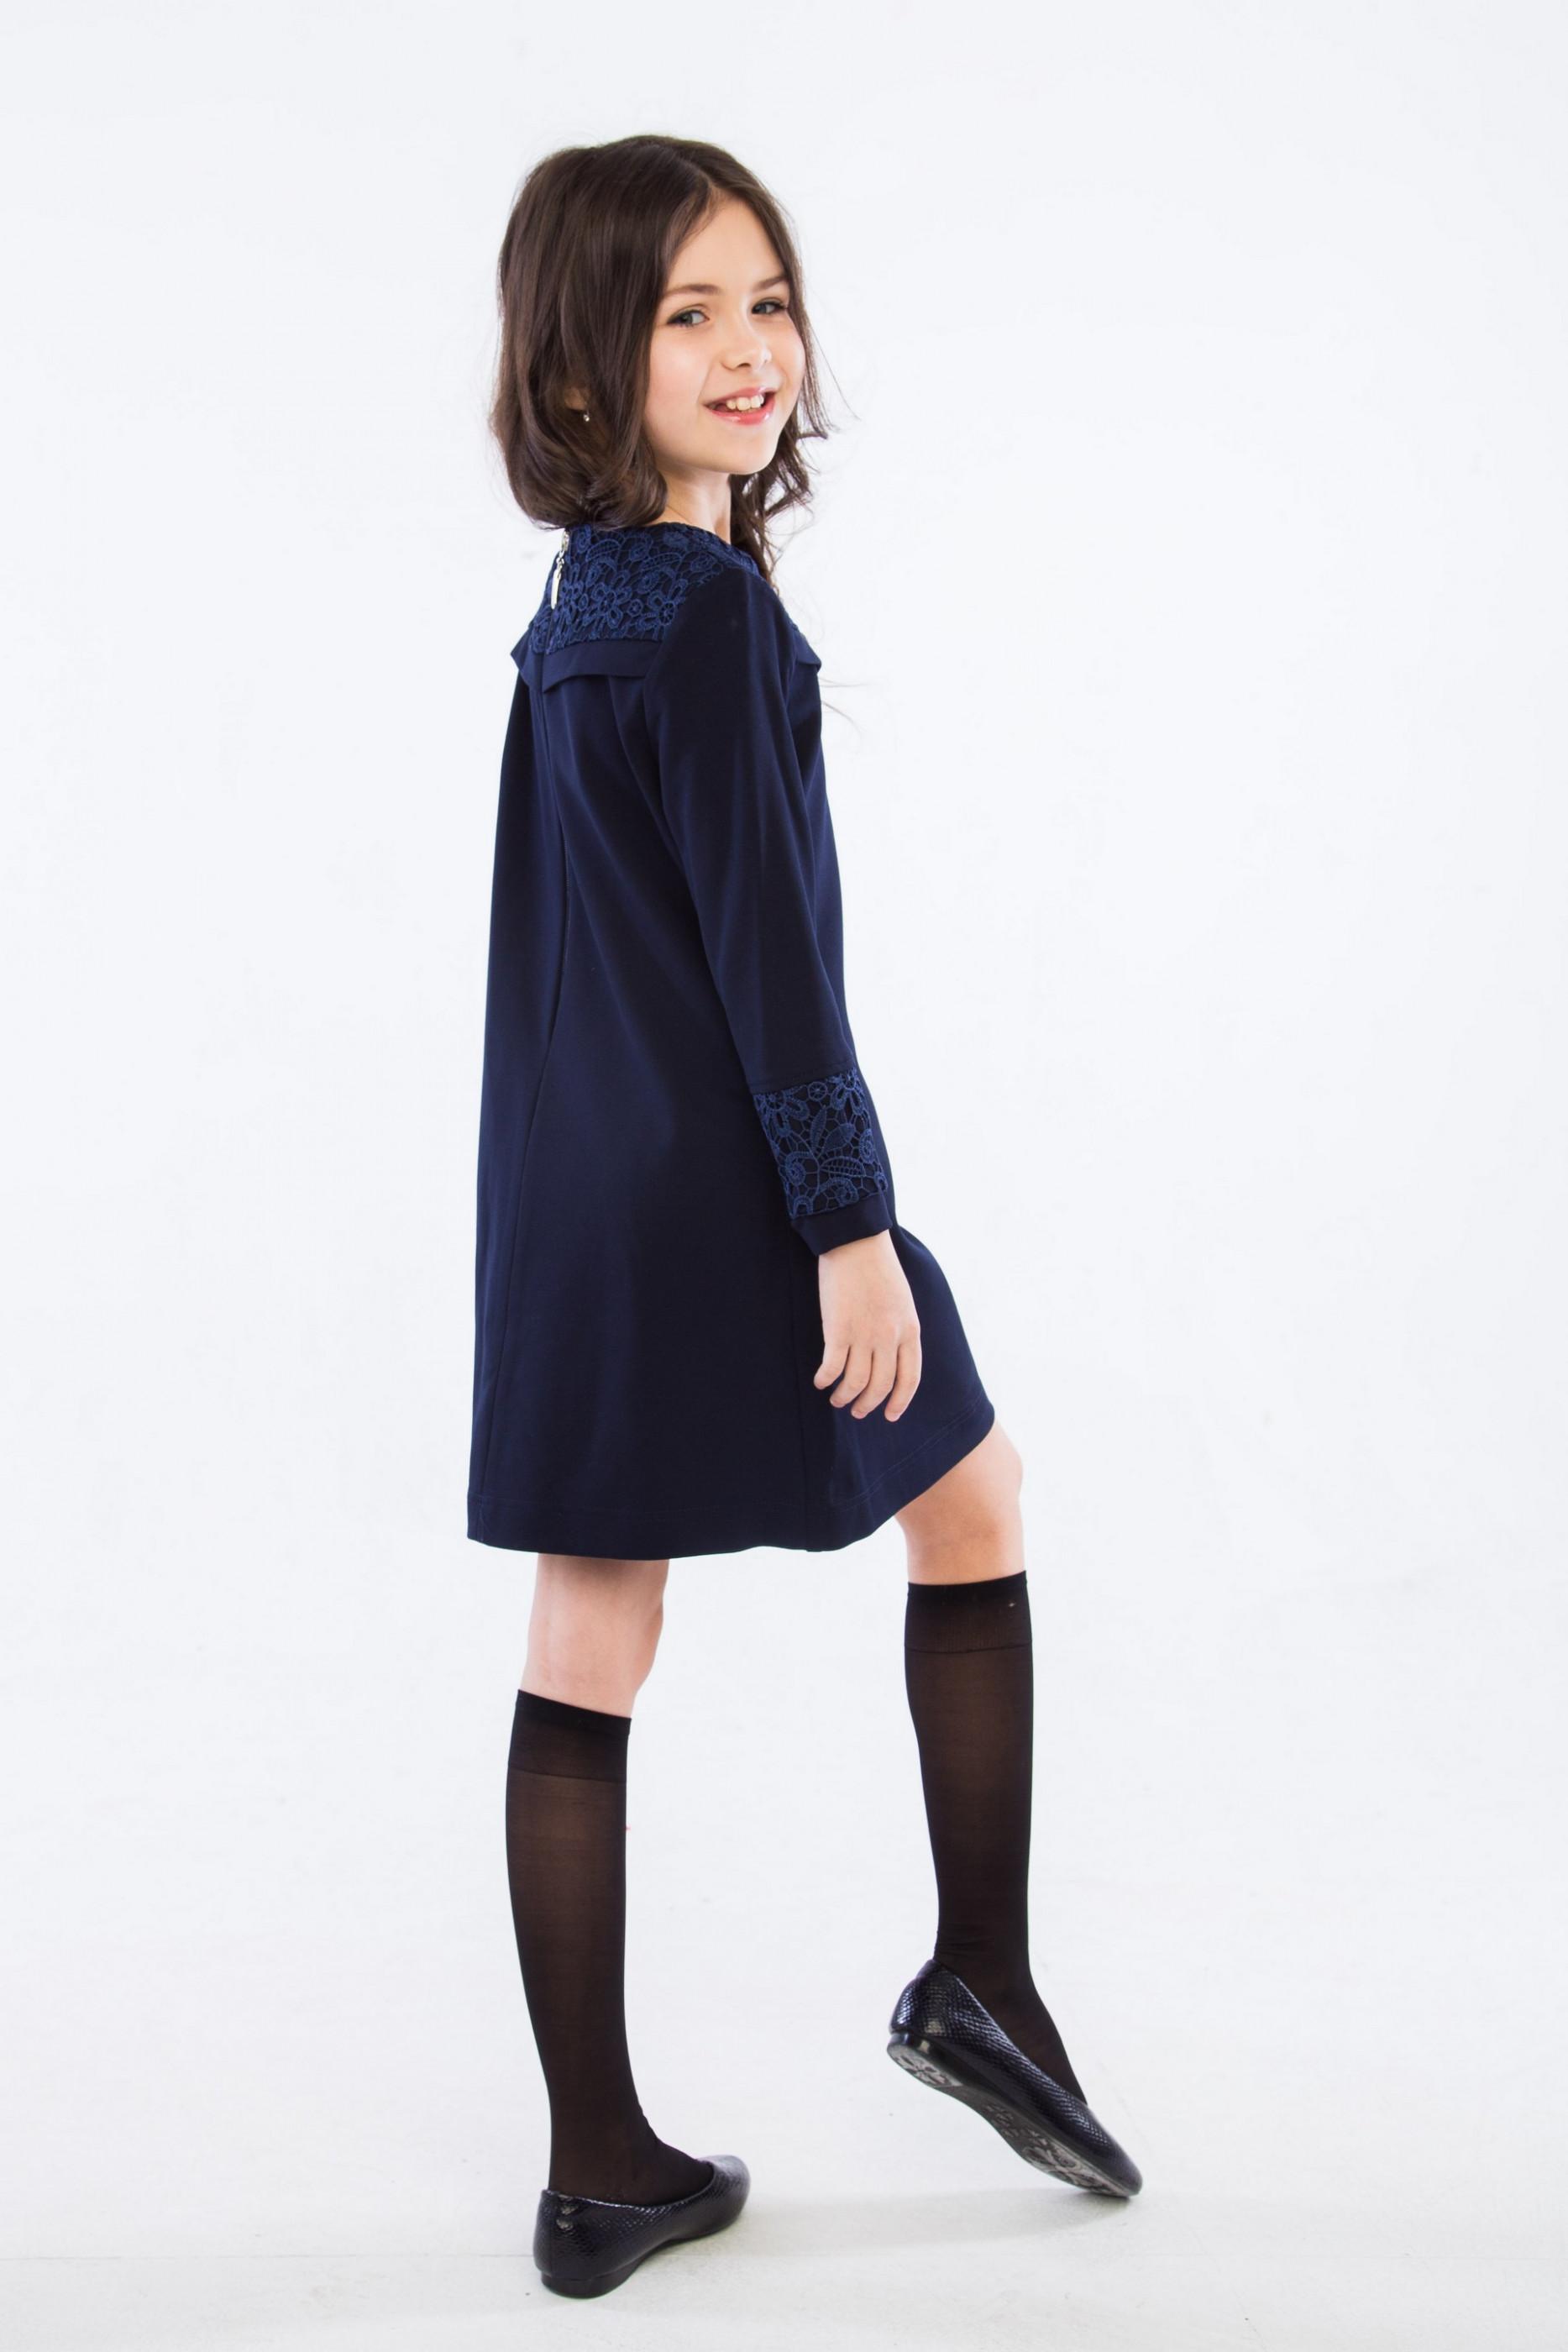 Плаття Армандра, фото №4